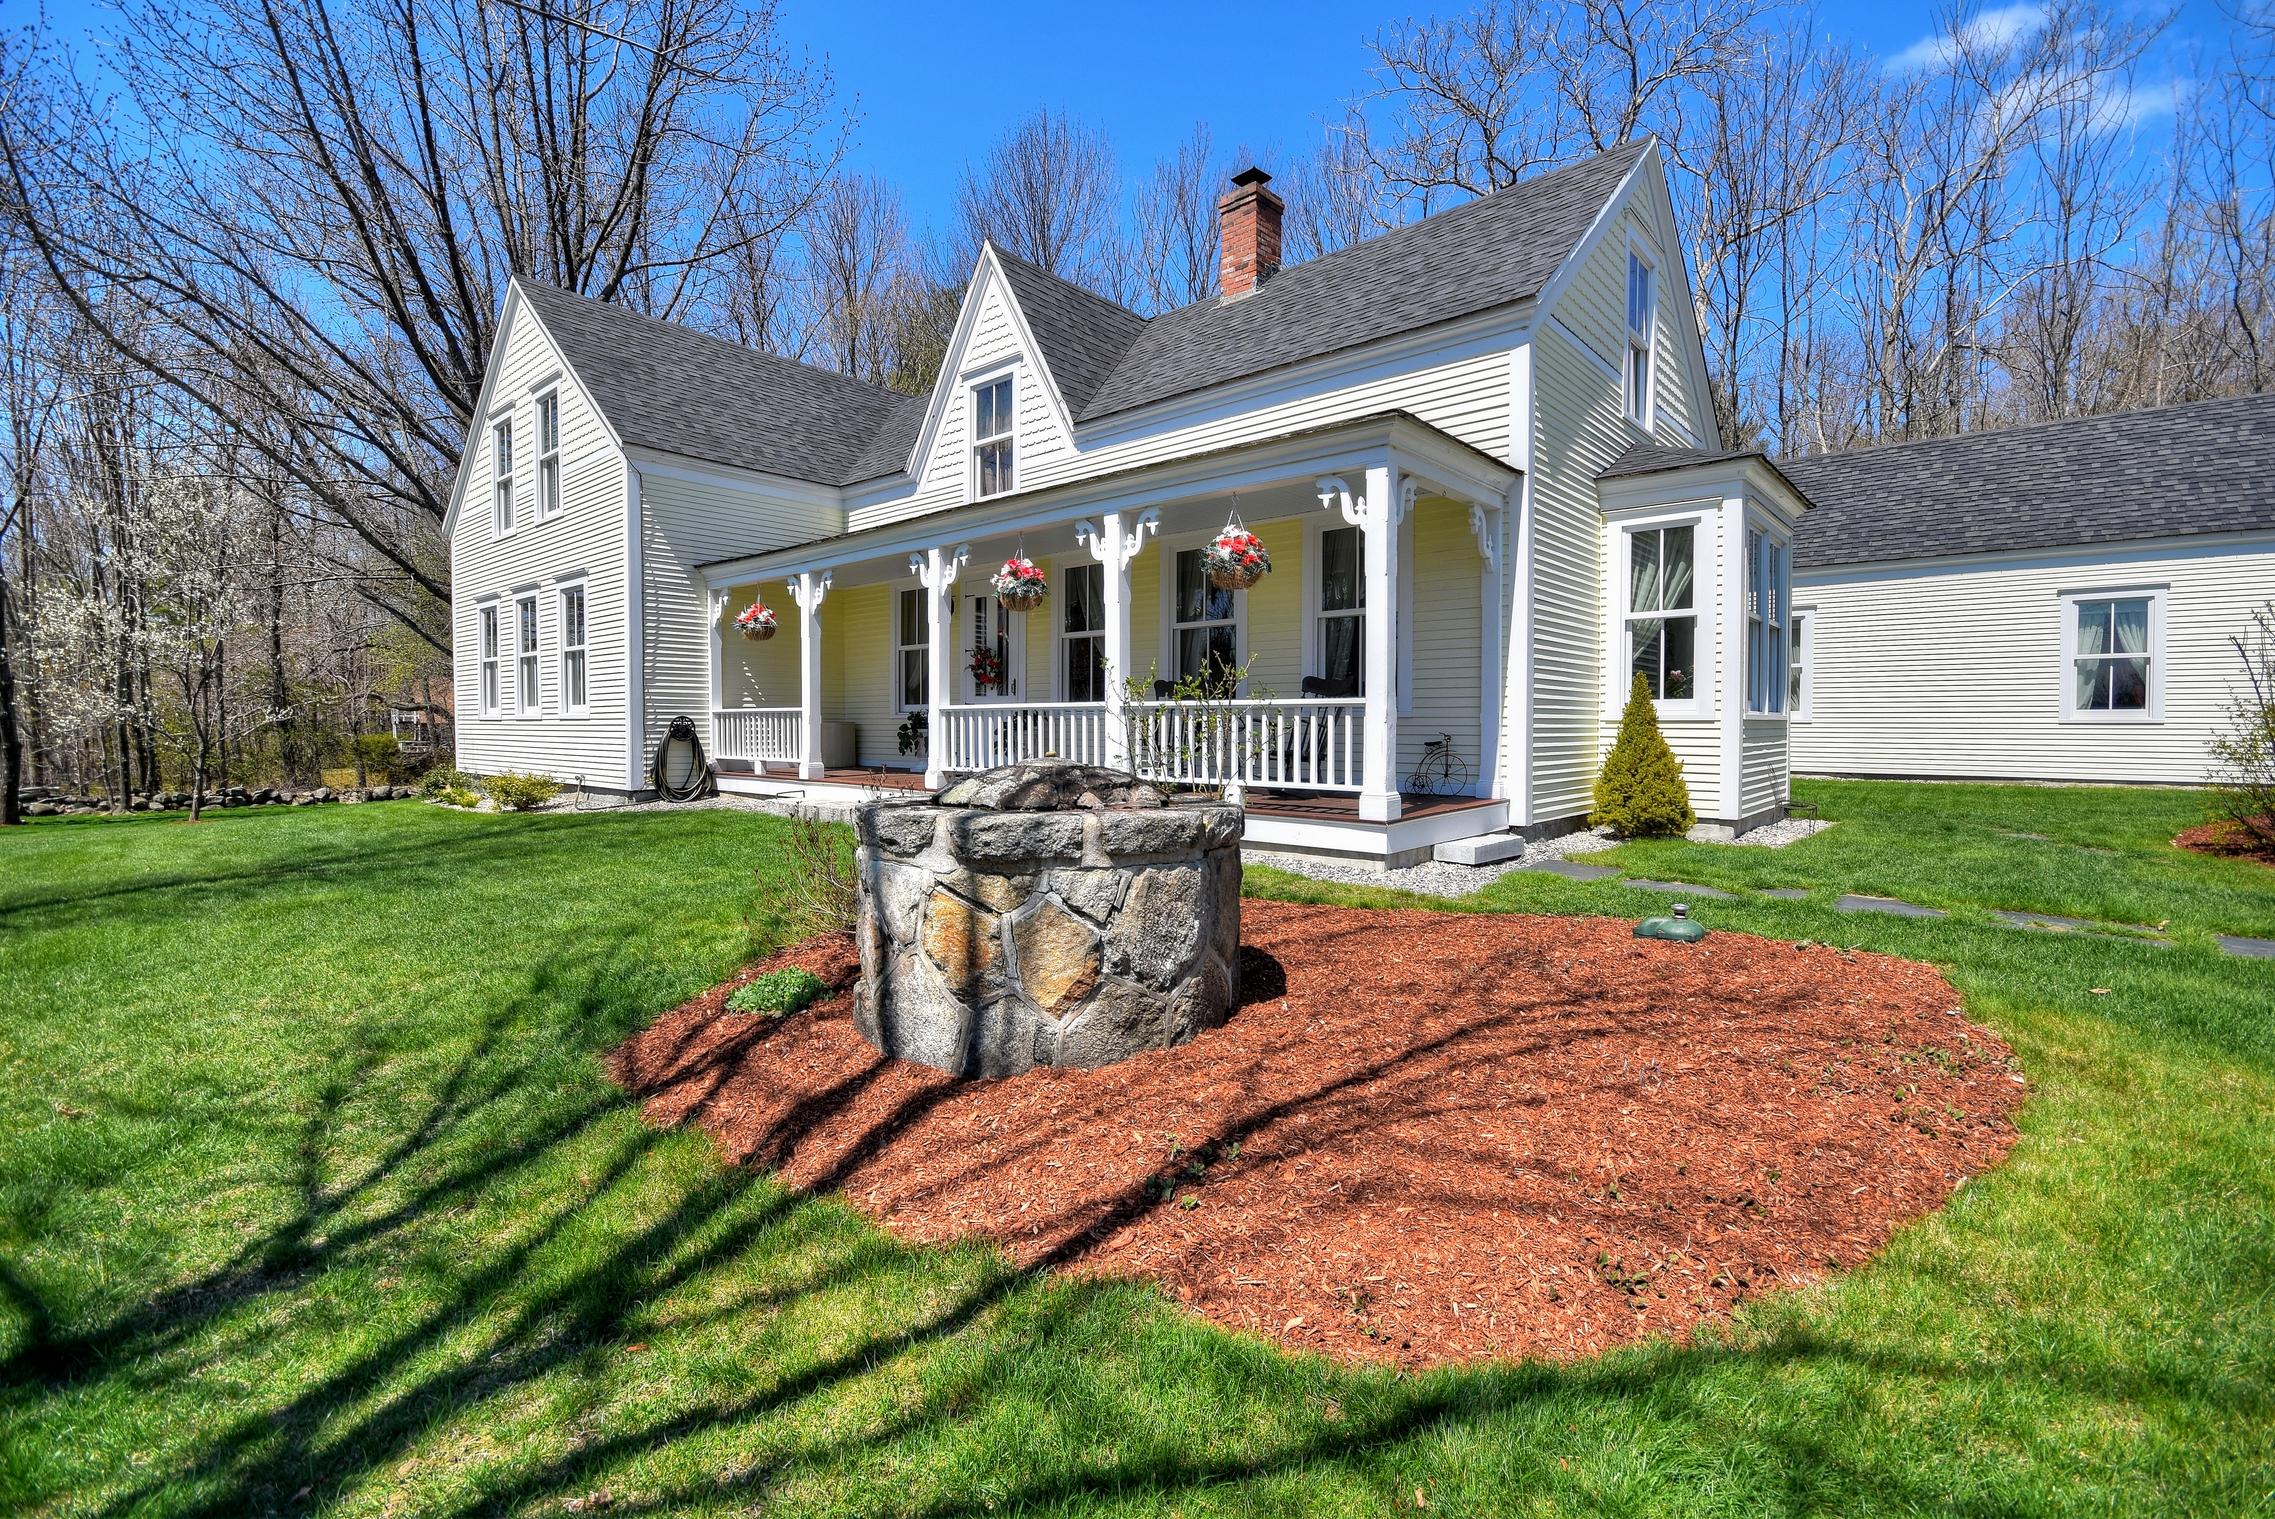 Maison unifamiliale pour l Vente à 301 Governor Wentworth Highway, Moultonborough 301 Governor Wentworth Hwy Moultonborough, New Hampshire, 03254 États-Unis